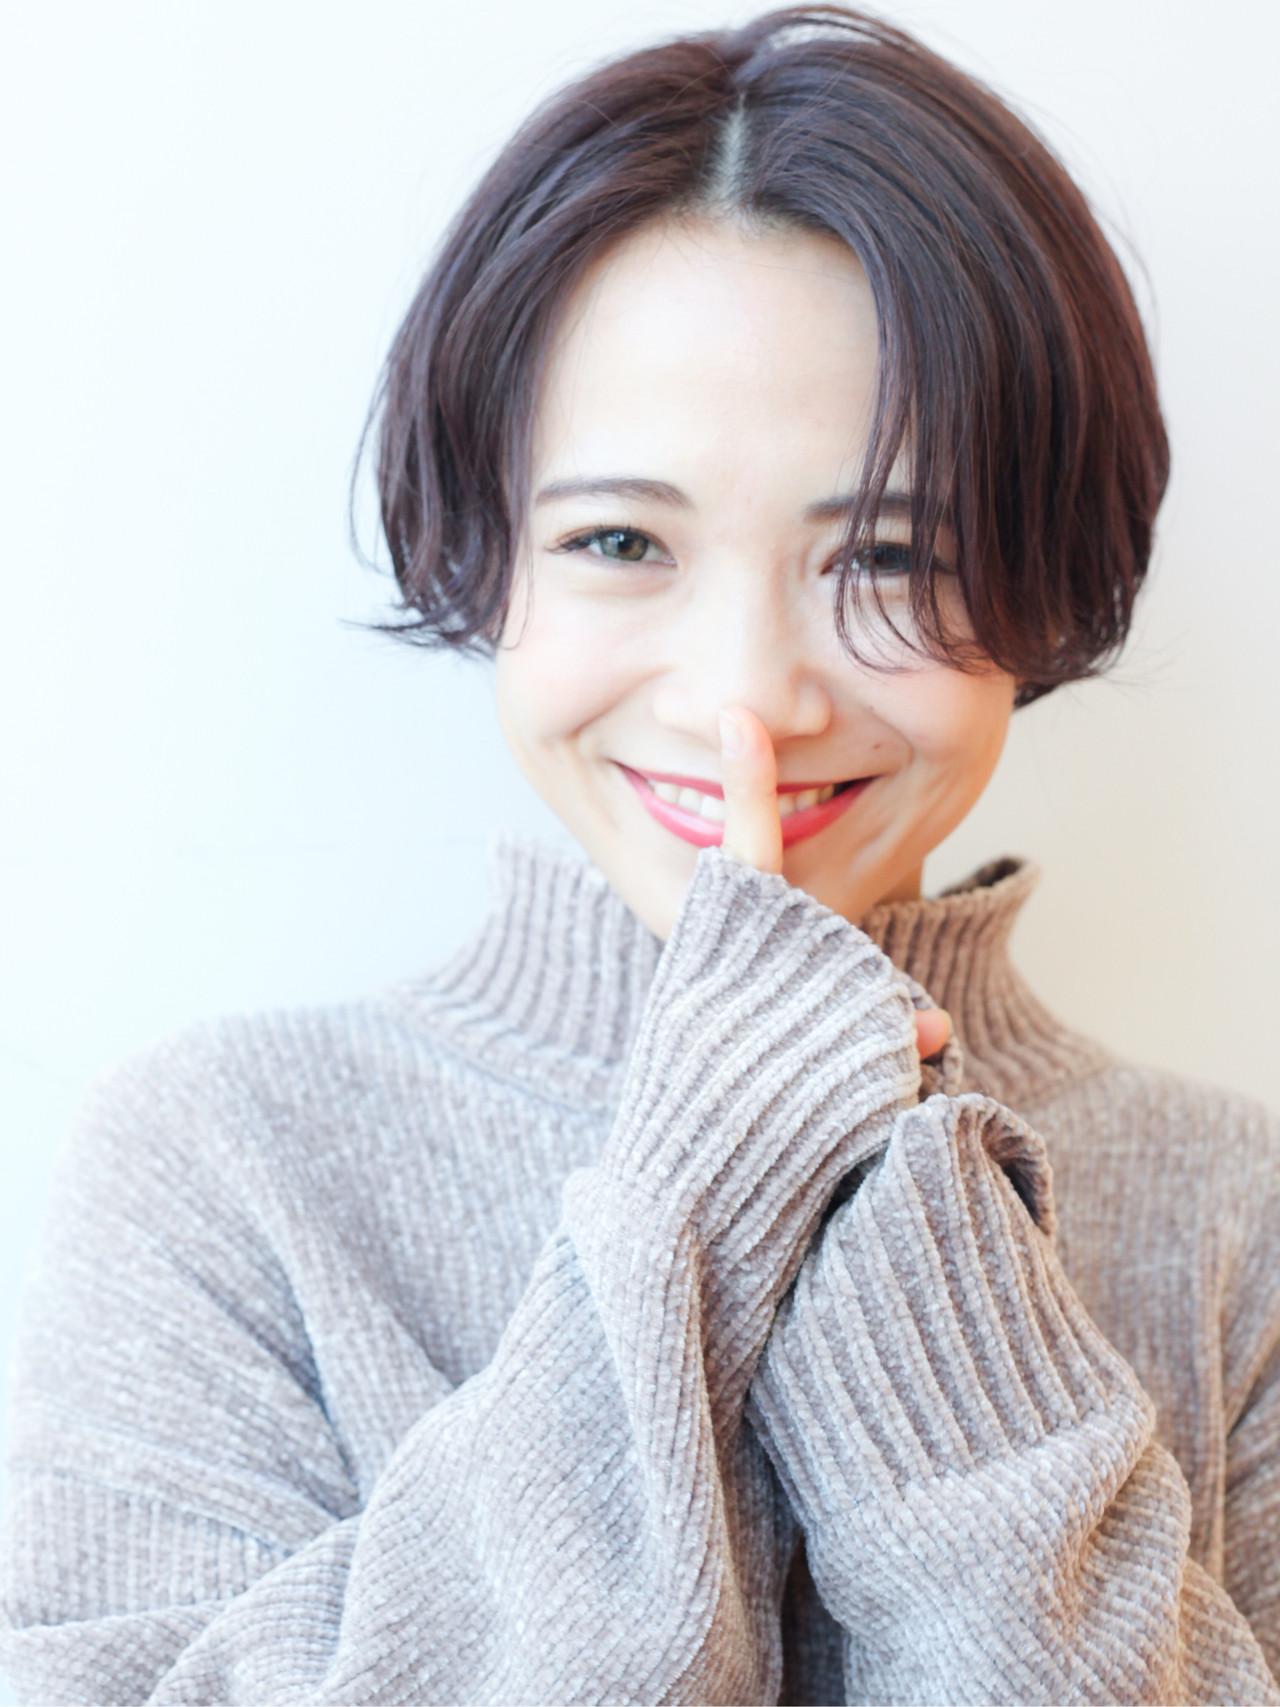 アンニュイほつれヘア ハンサムショート 横顔美人 ショート ヘアスタイルや髪型の写真・画像   HIROKI / roijir / roijir